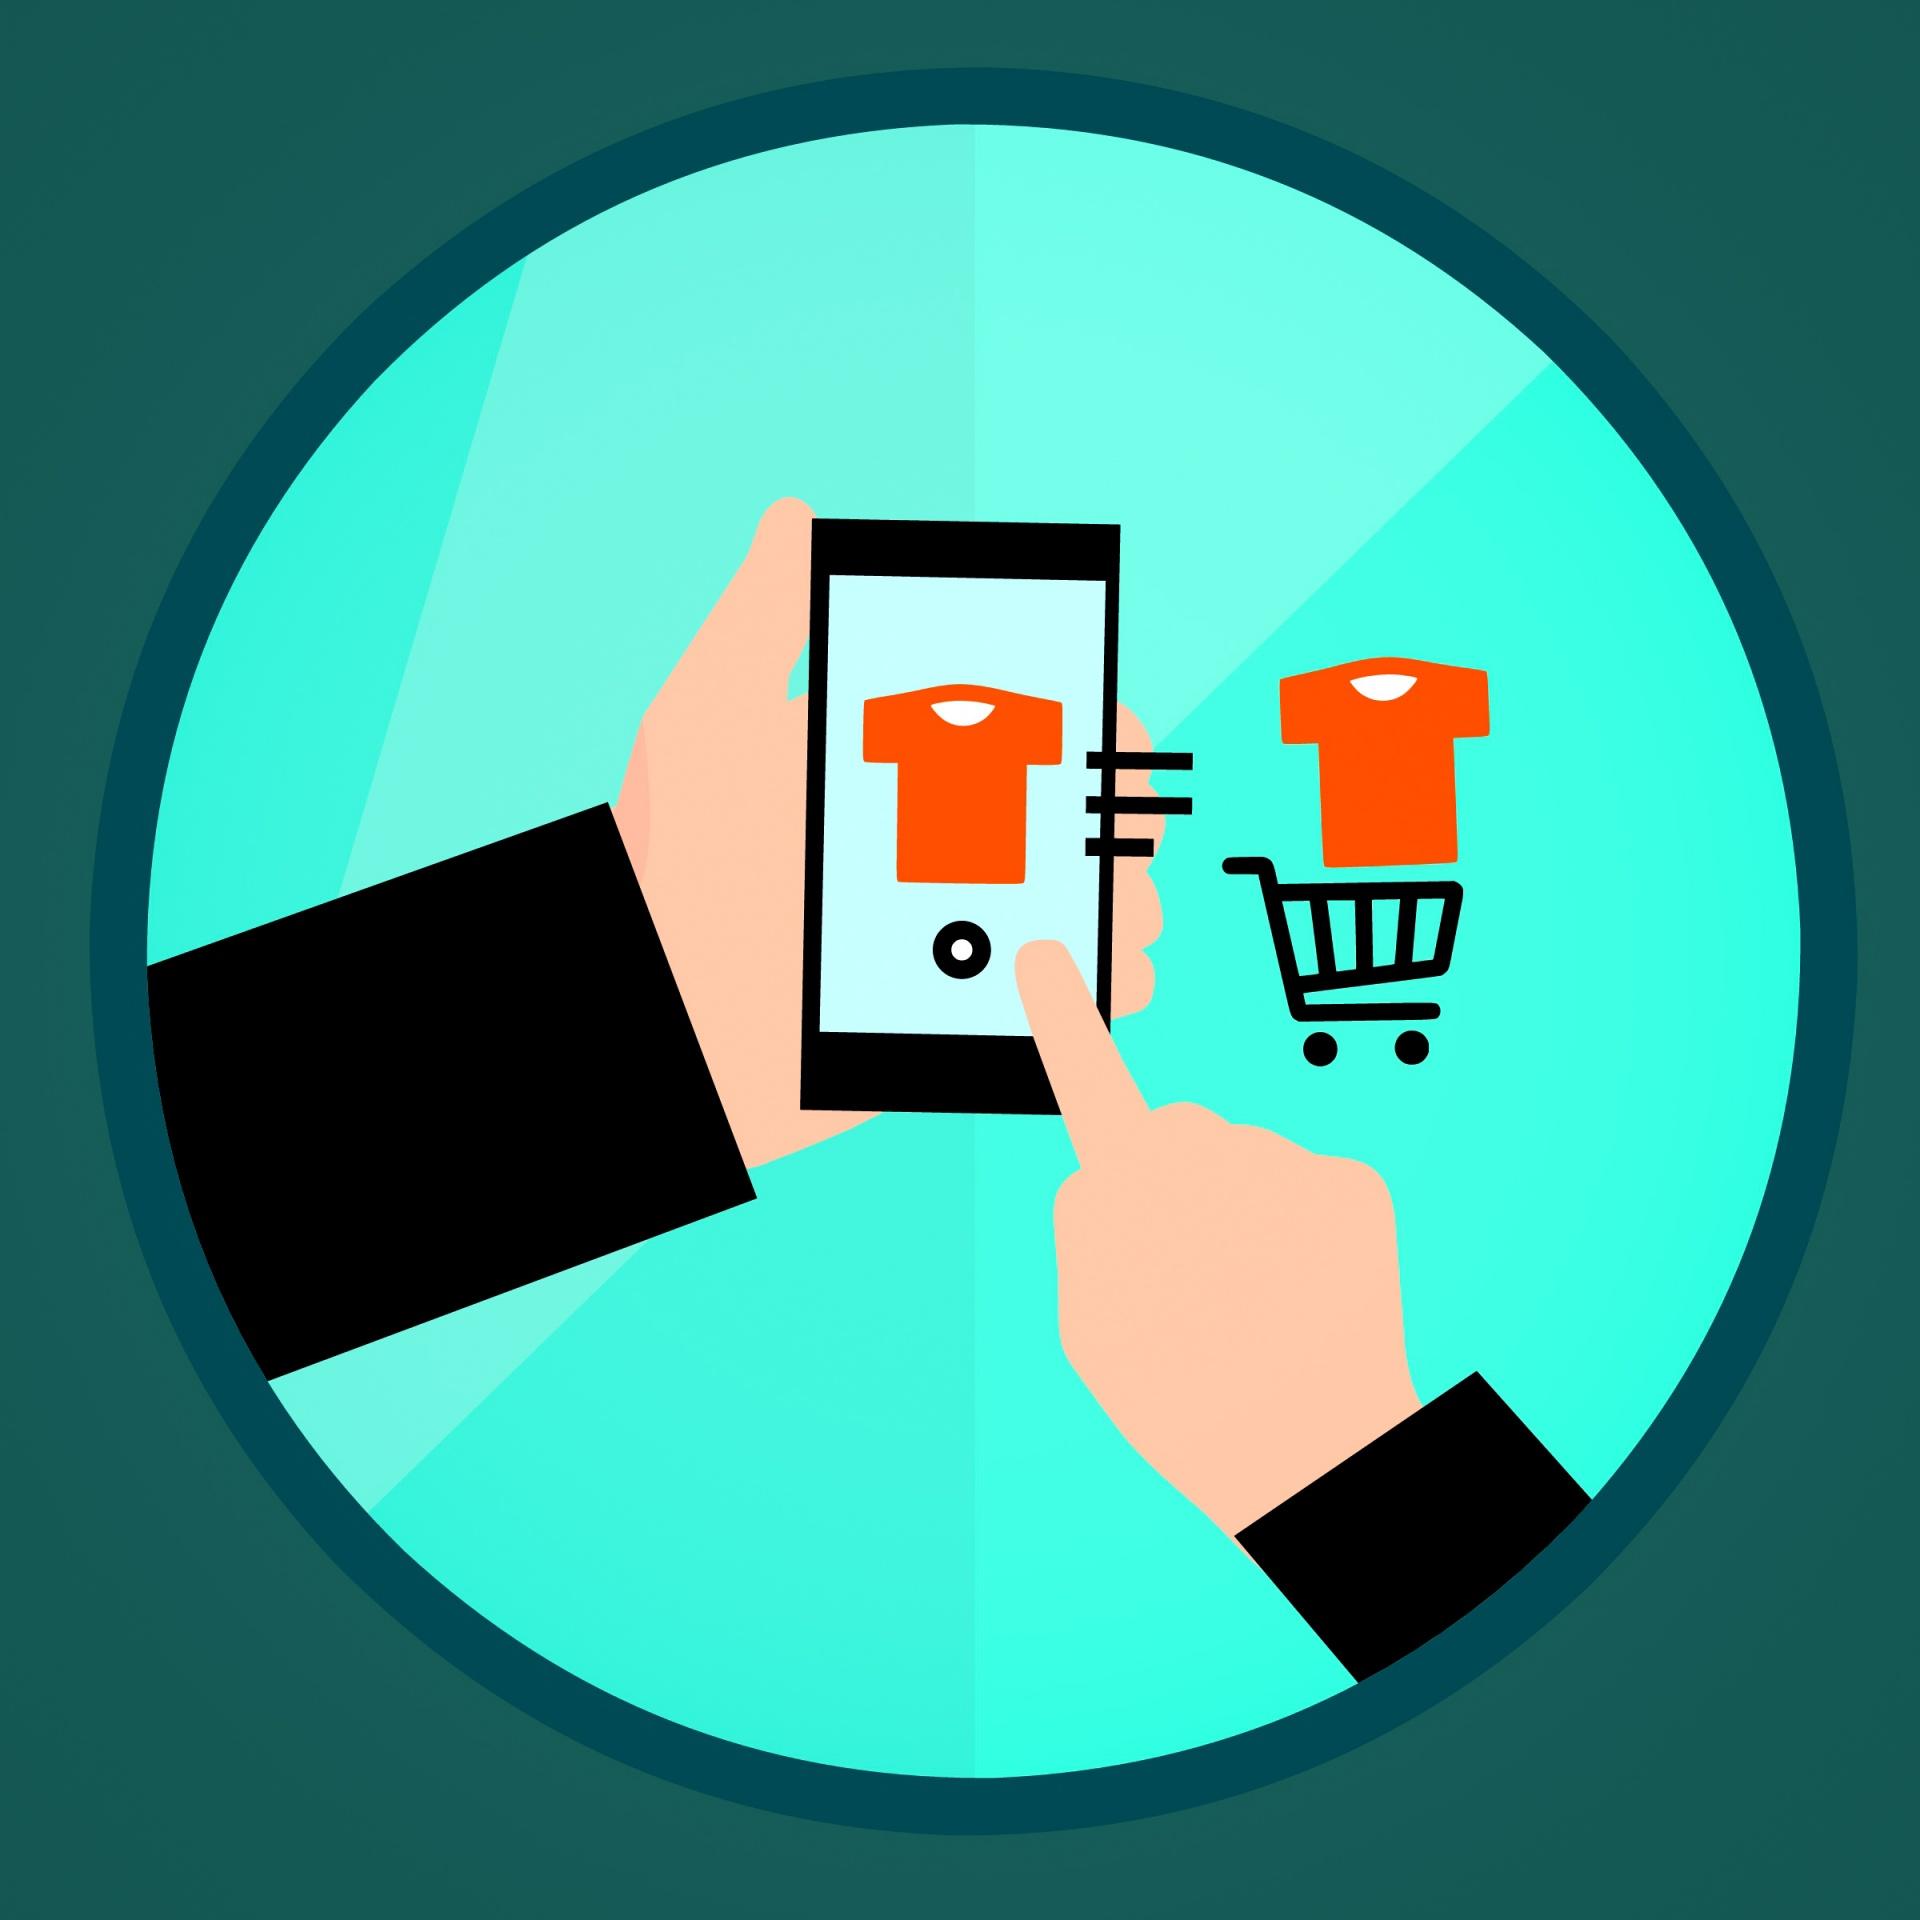 60% dintre români au folosit măcar o dată reţelele de socializare pentru cumpărături